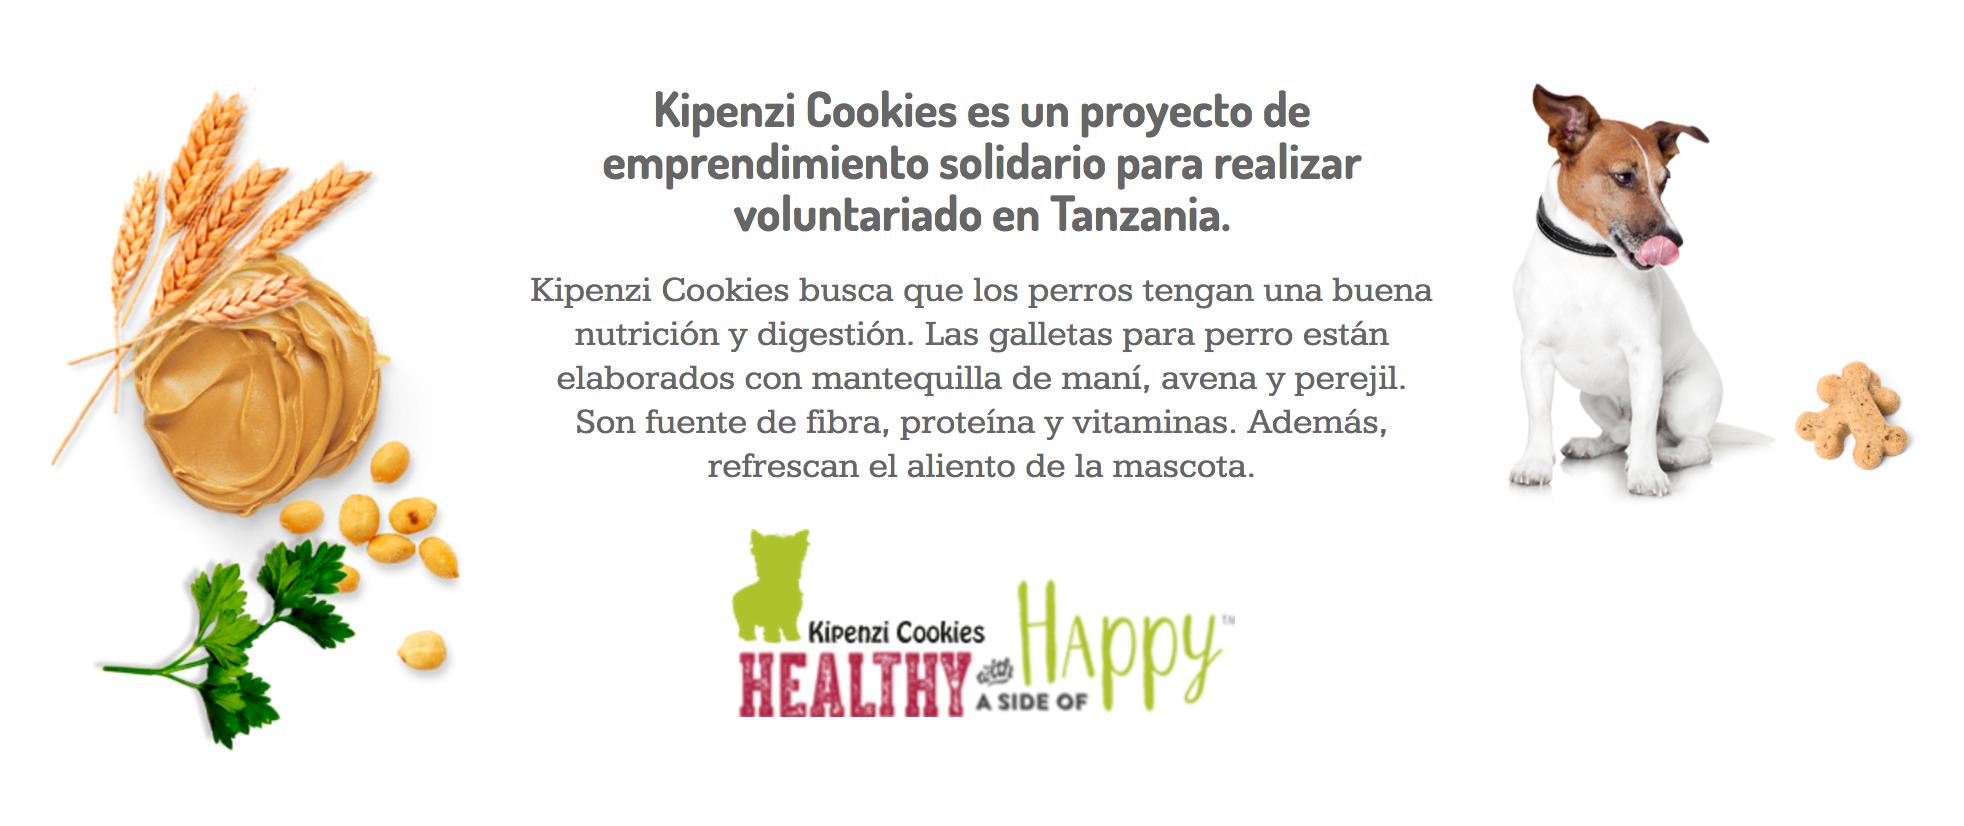 Kipenzi Cookies, galletas para perros y una maravillosa labor